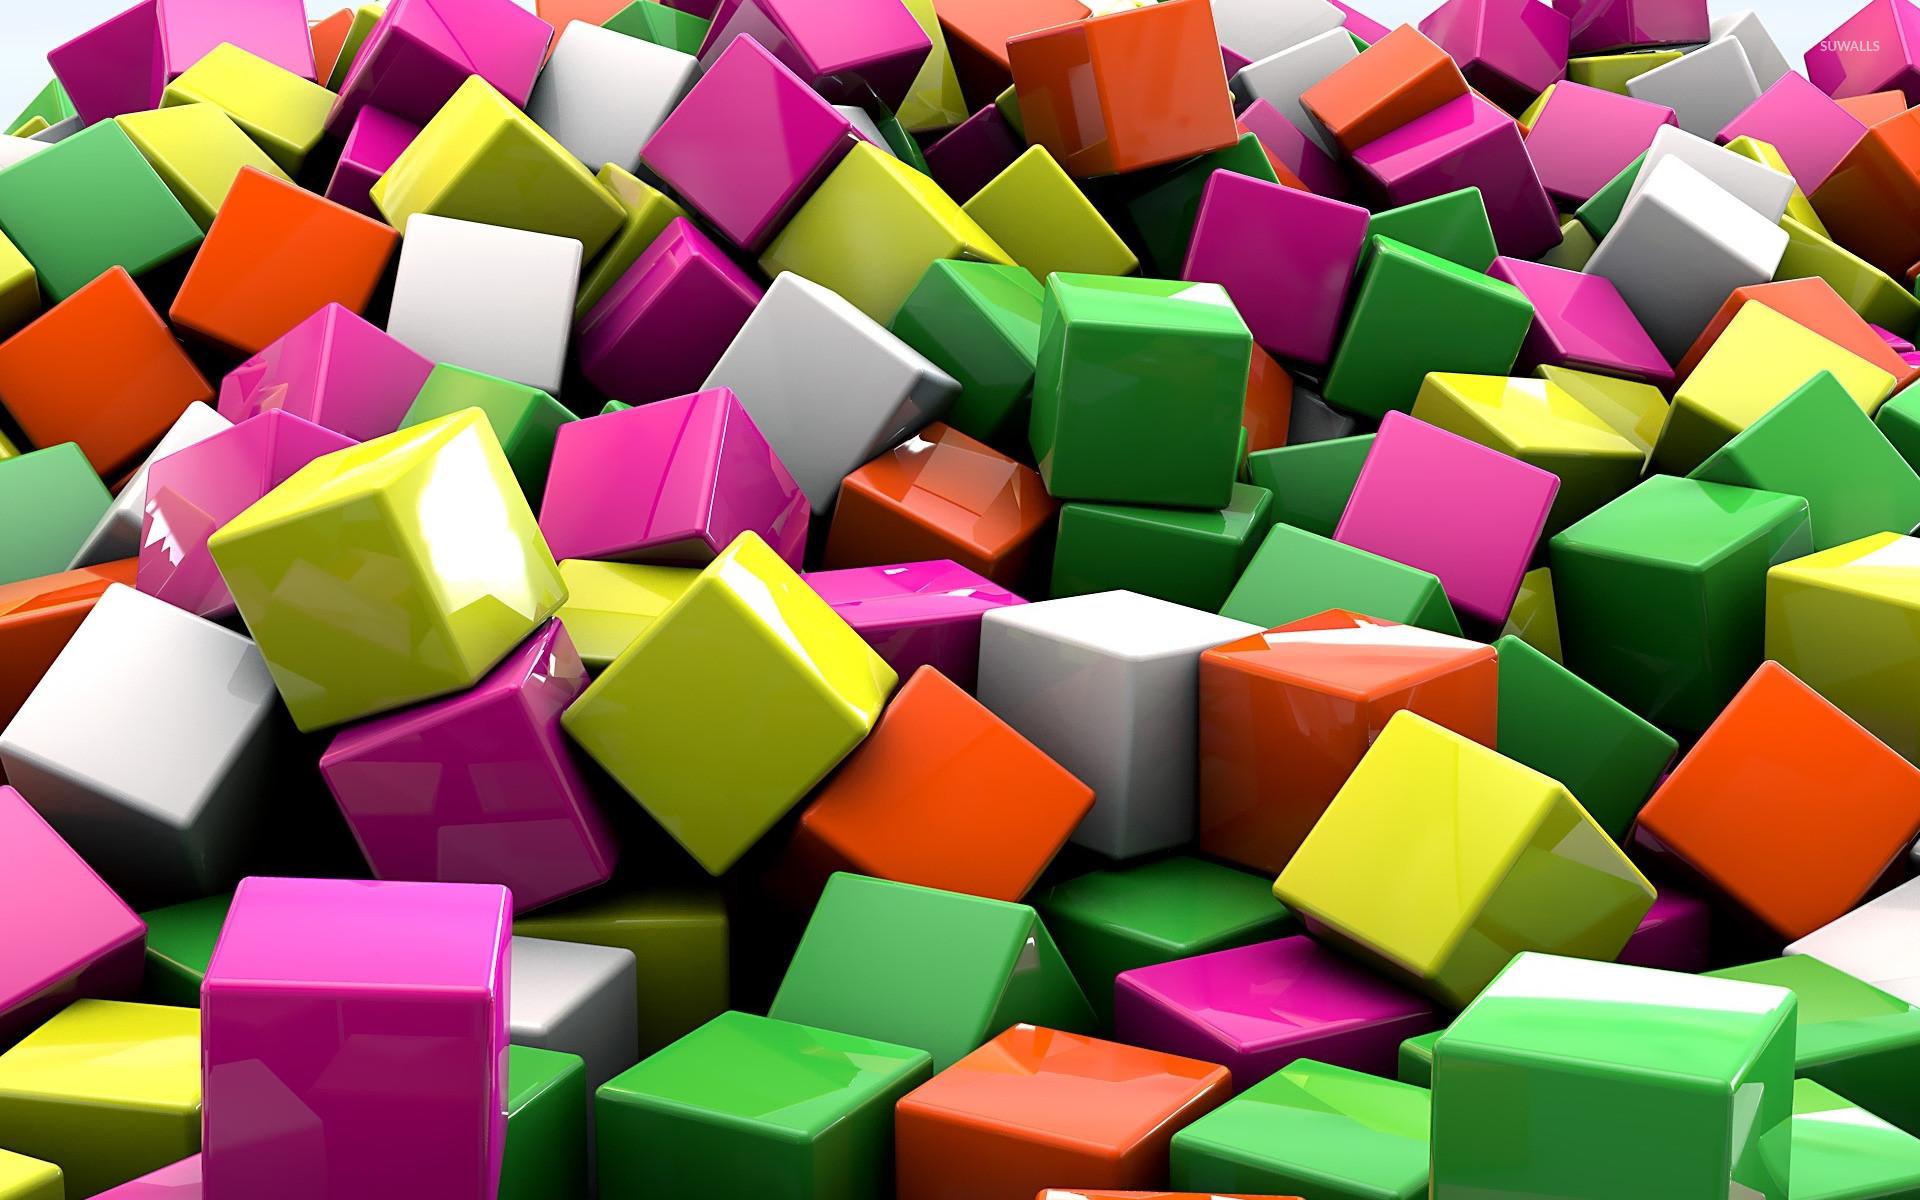 3d Cubes Wallpaper 80 Images